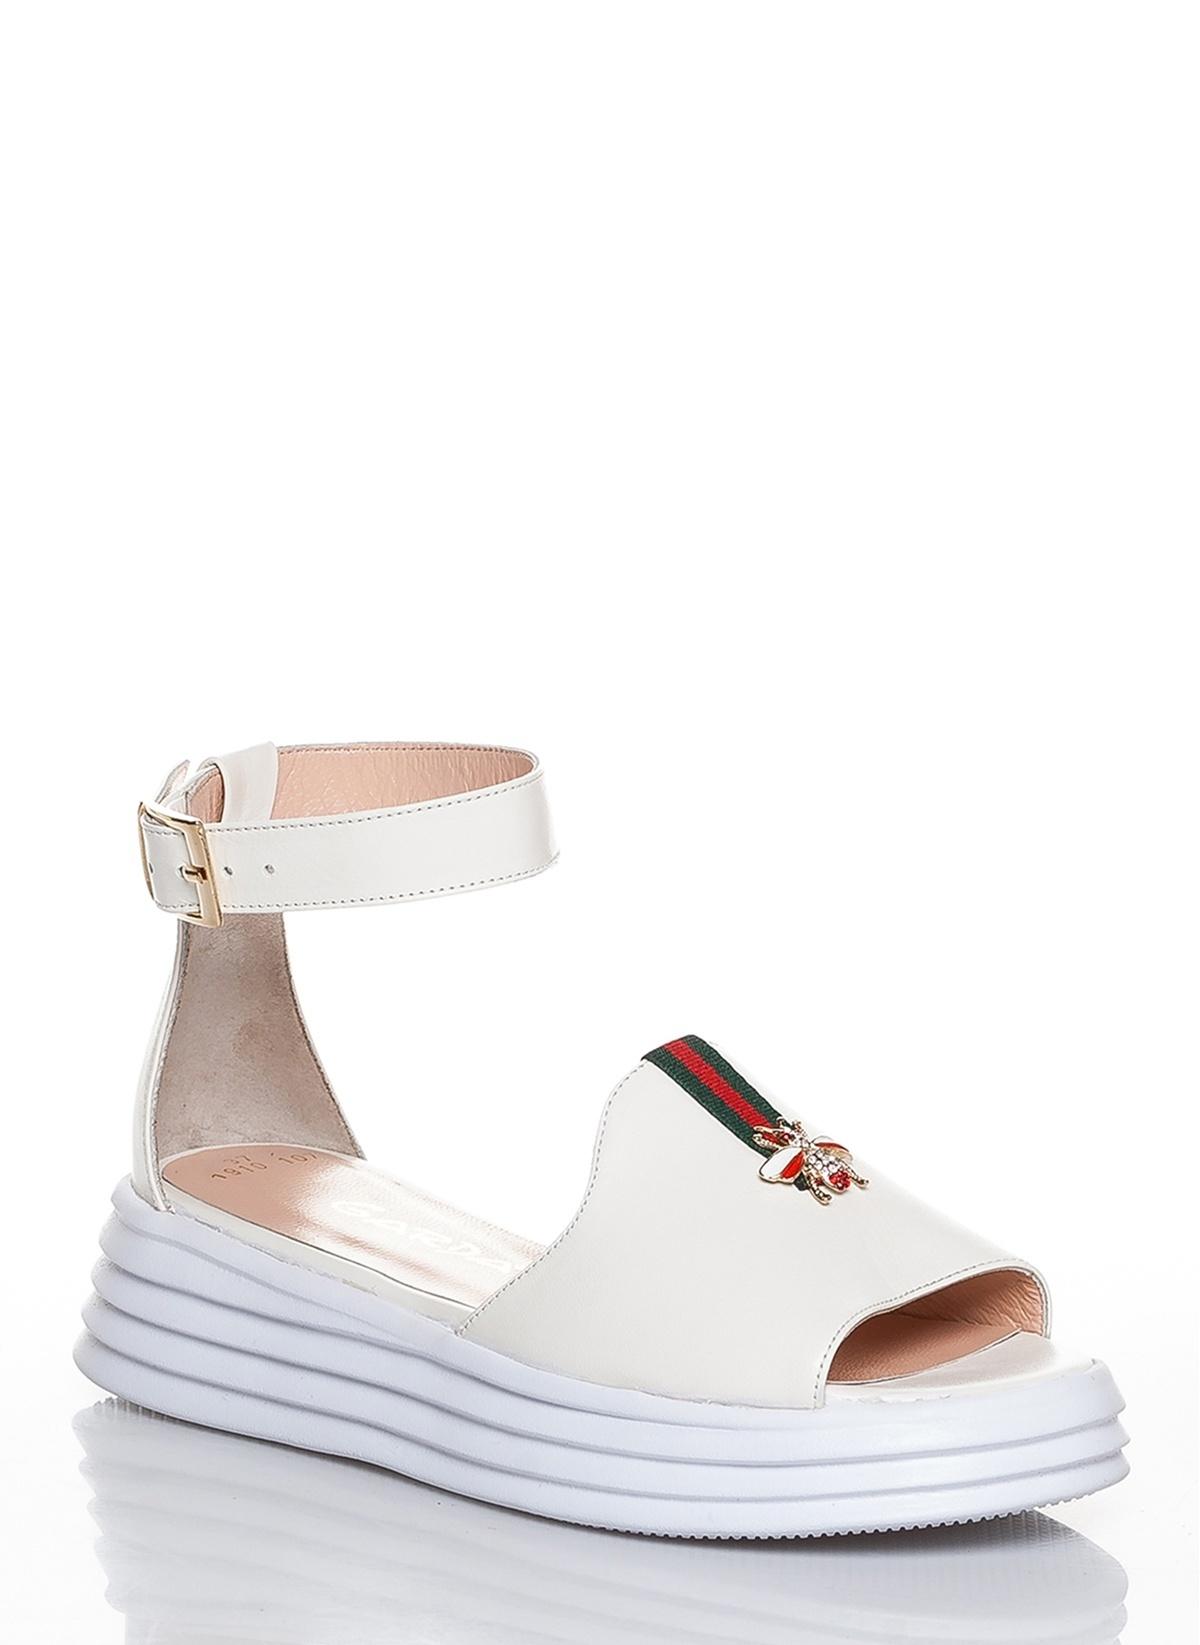 Efem Deri Sandalet 19ygrd333-191014 Sandalet – 280.0 TL